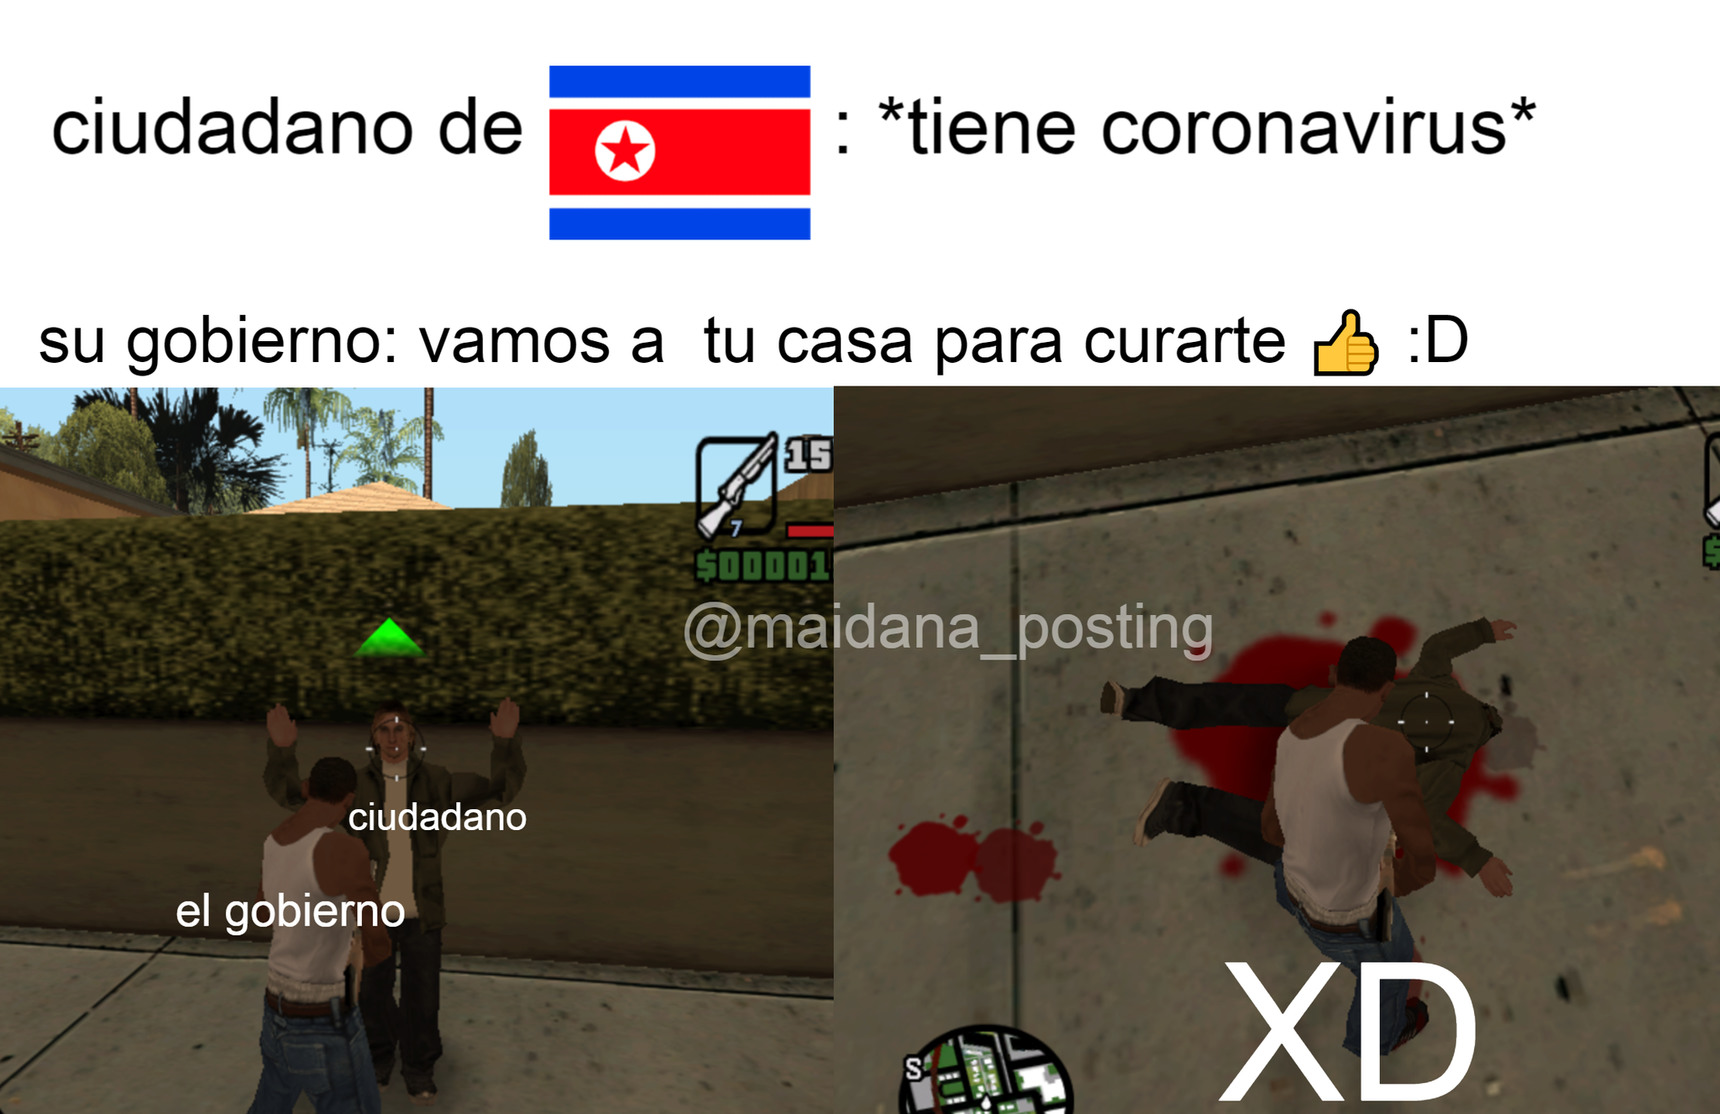 VAMO A CURARTE :D - meme